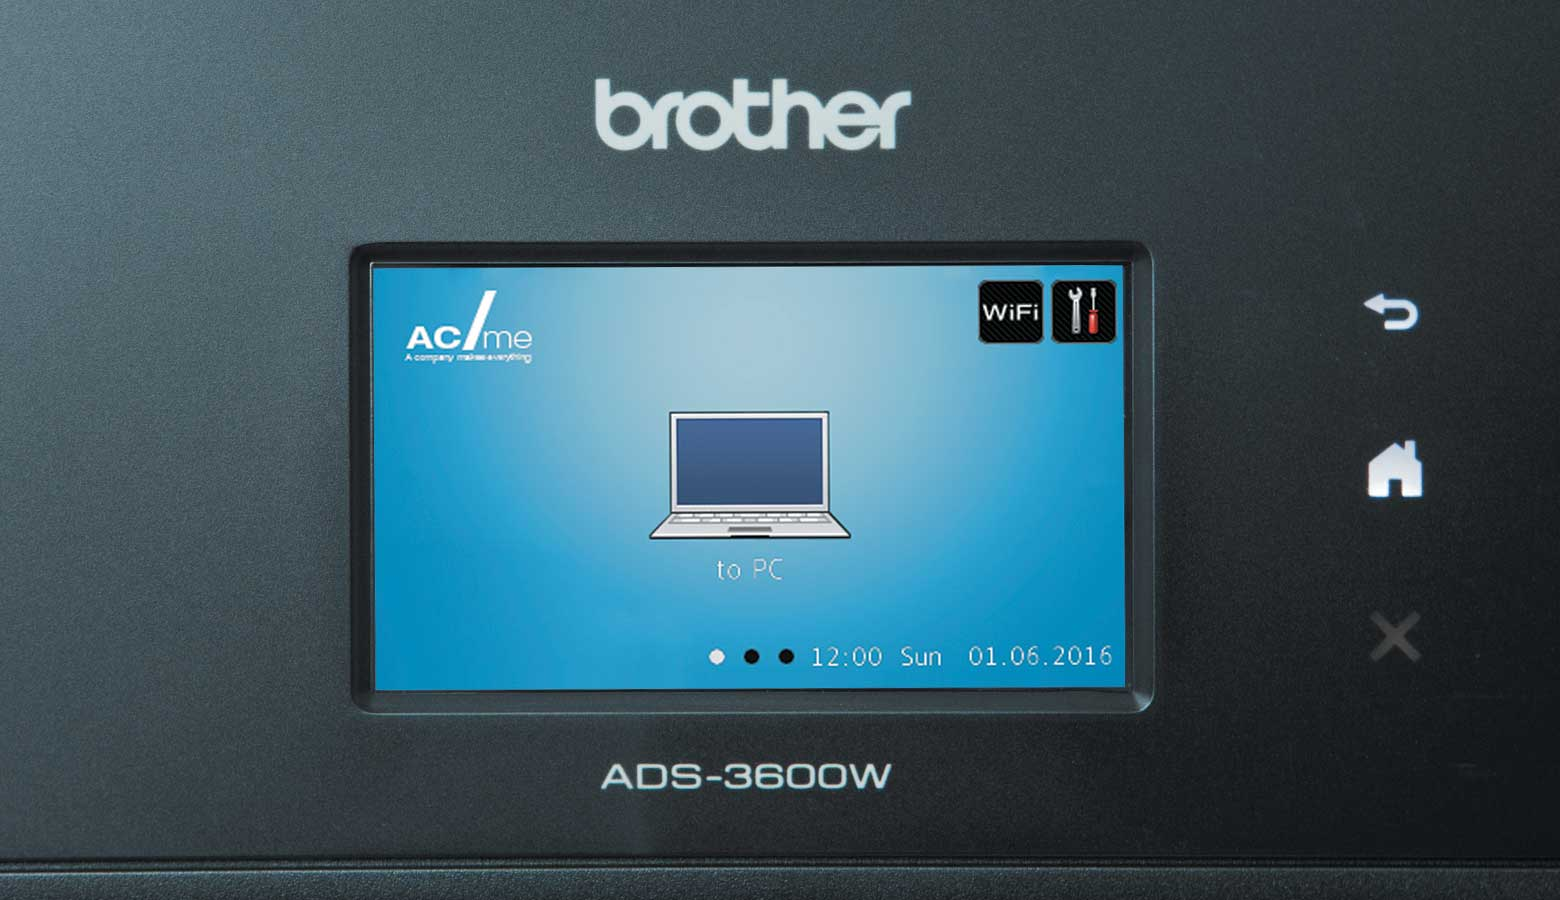 Персонализиран бутон на дисплея на устройството